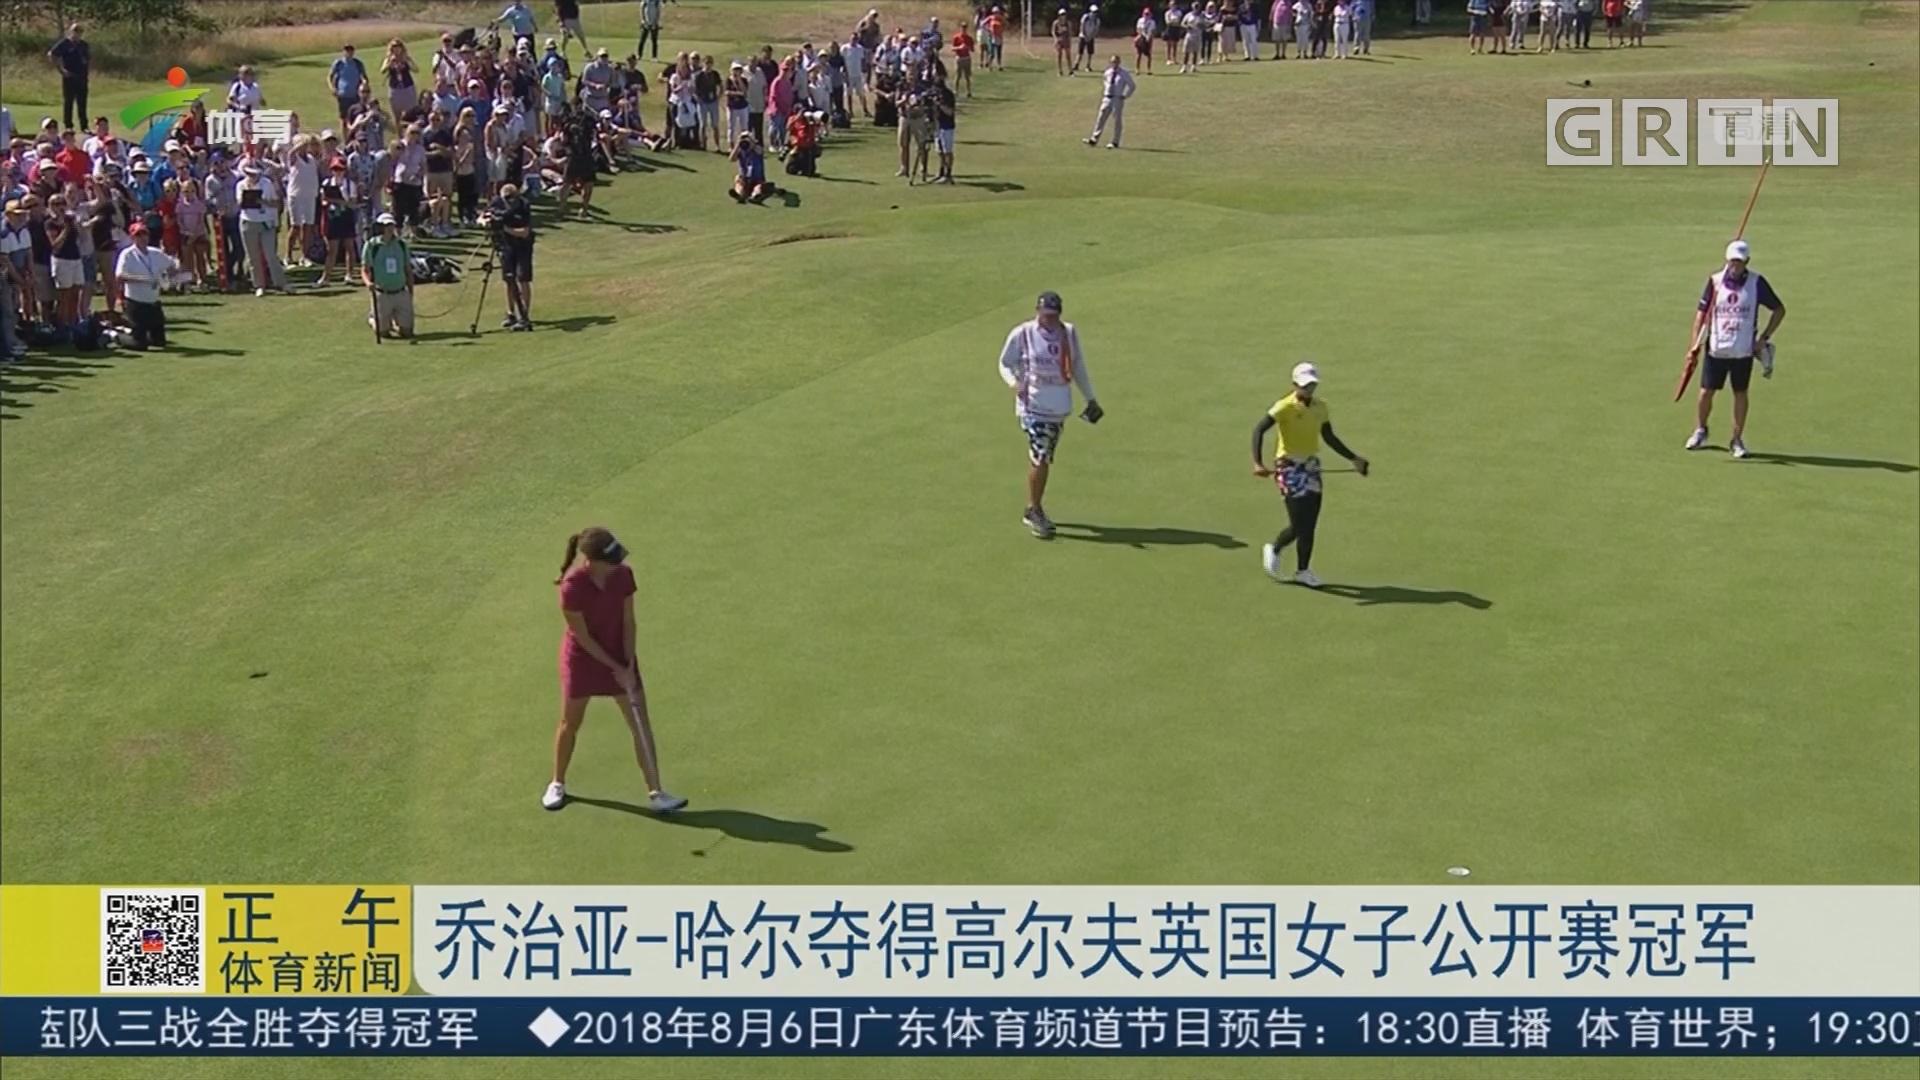 乔治亚-哈尔夺得高尔夫英国女子公开赛冠军